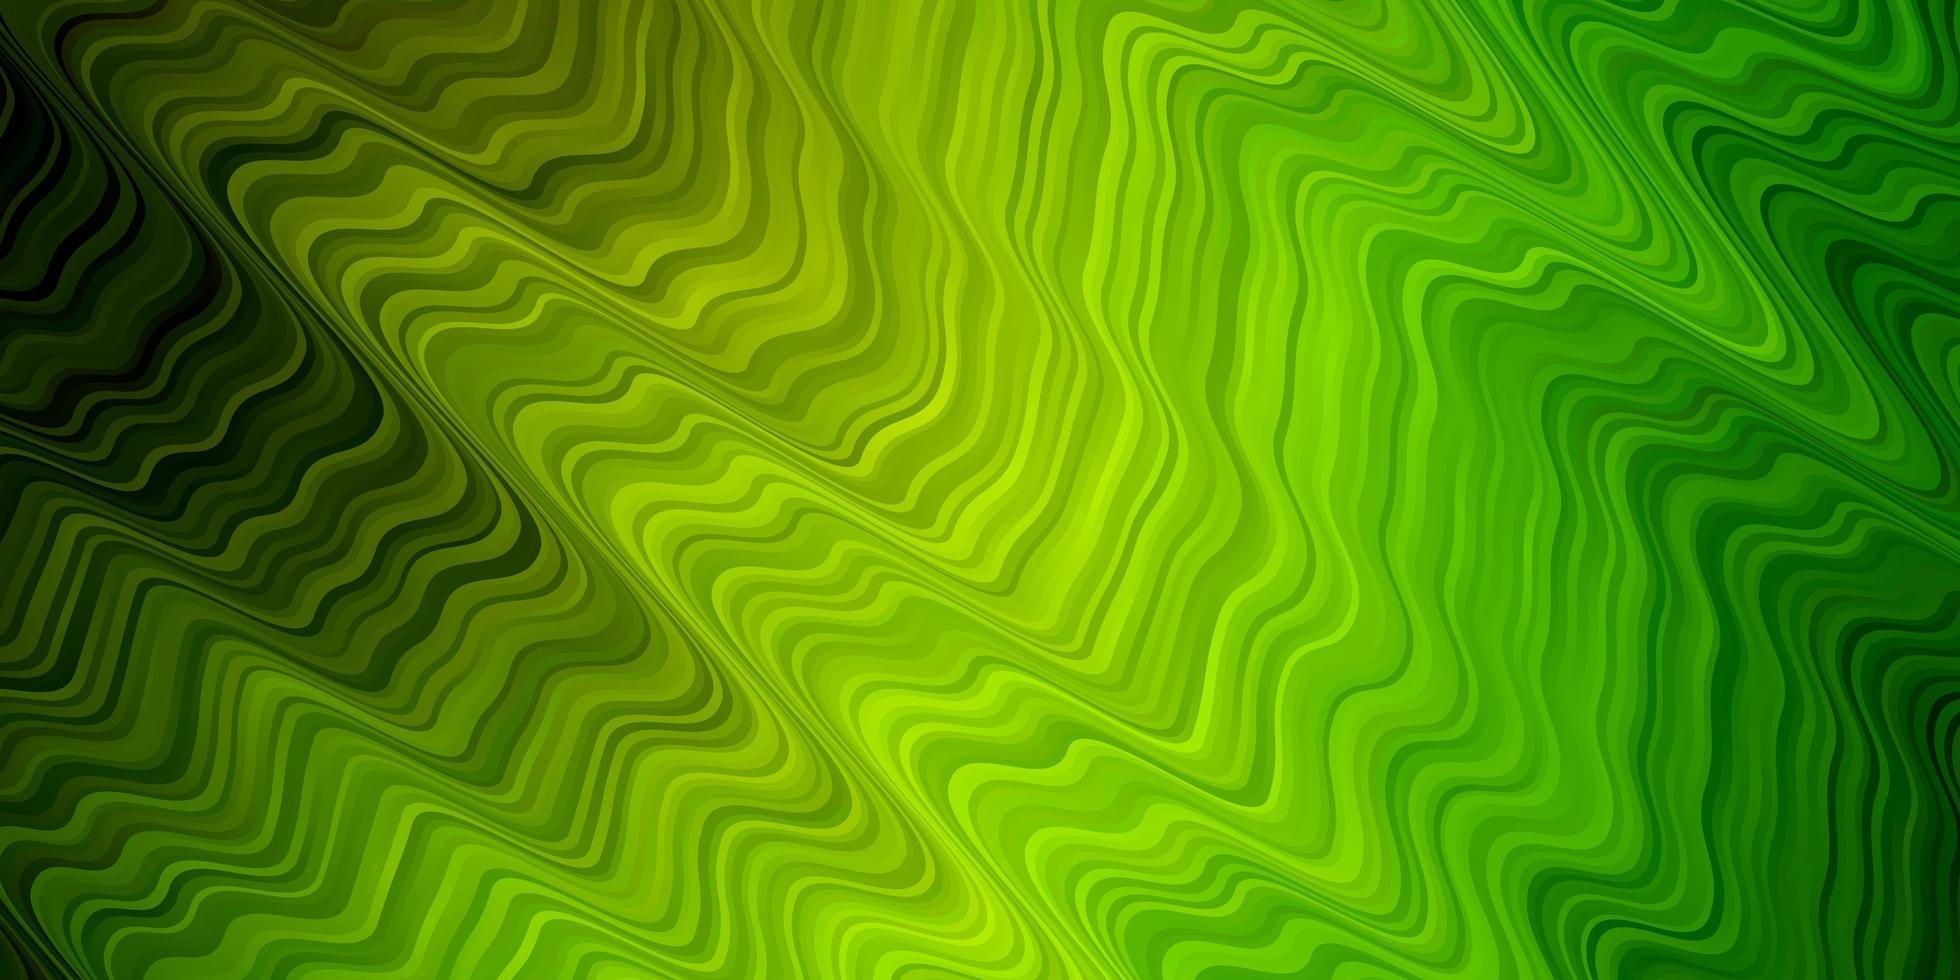 lichtgroene, gele vectortextuur met cirkelboog. vector